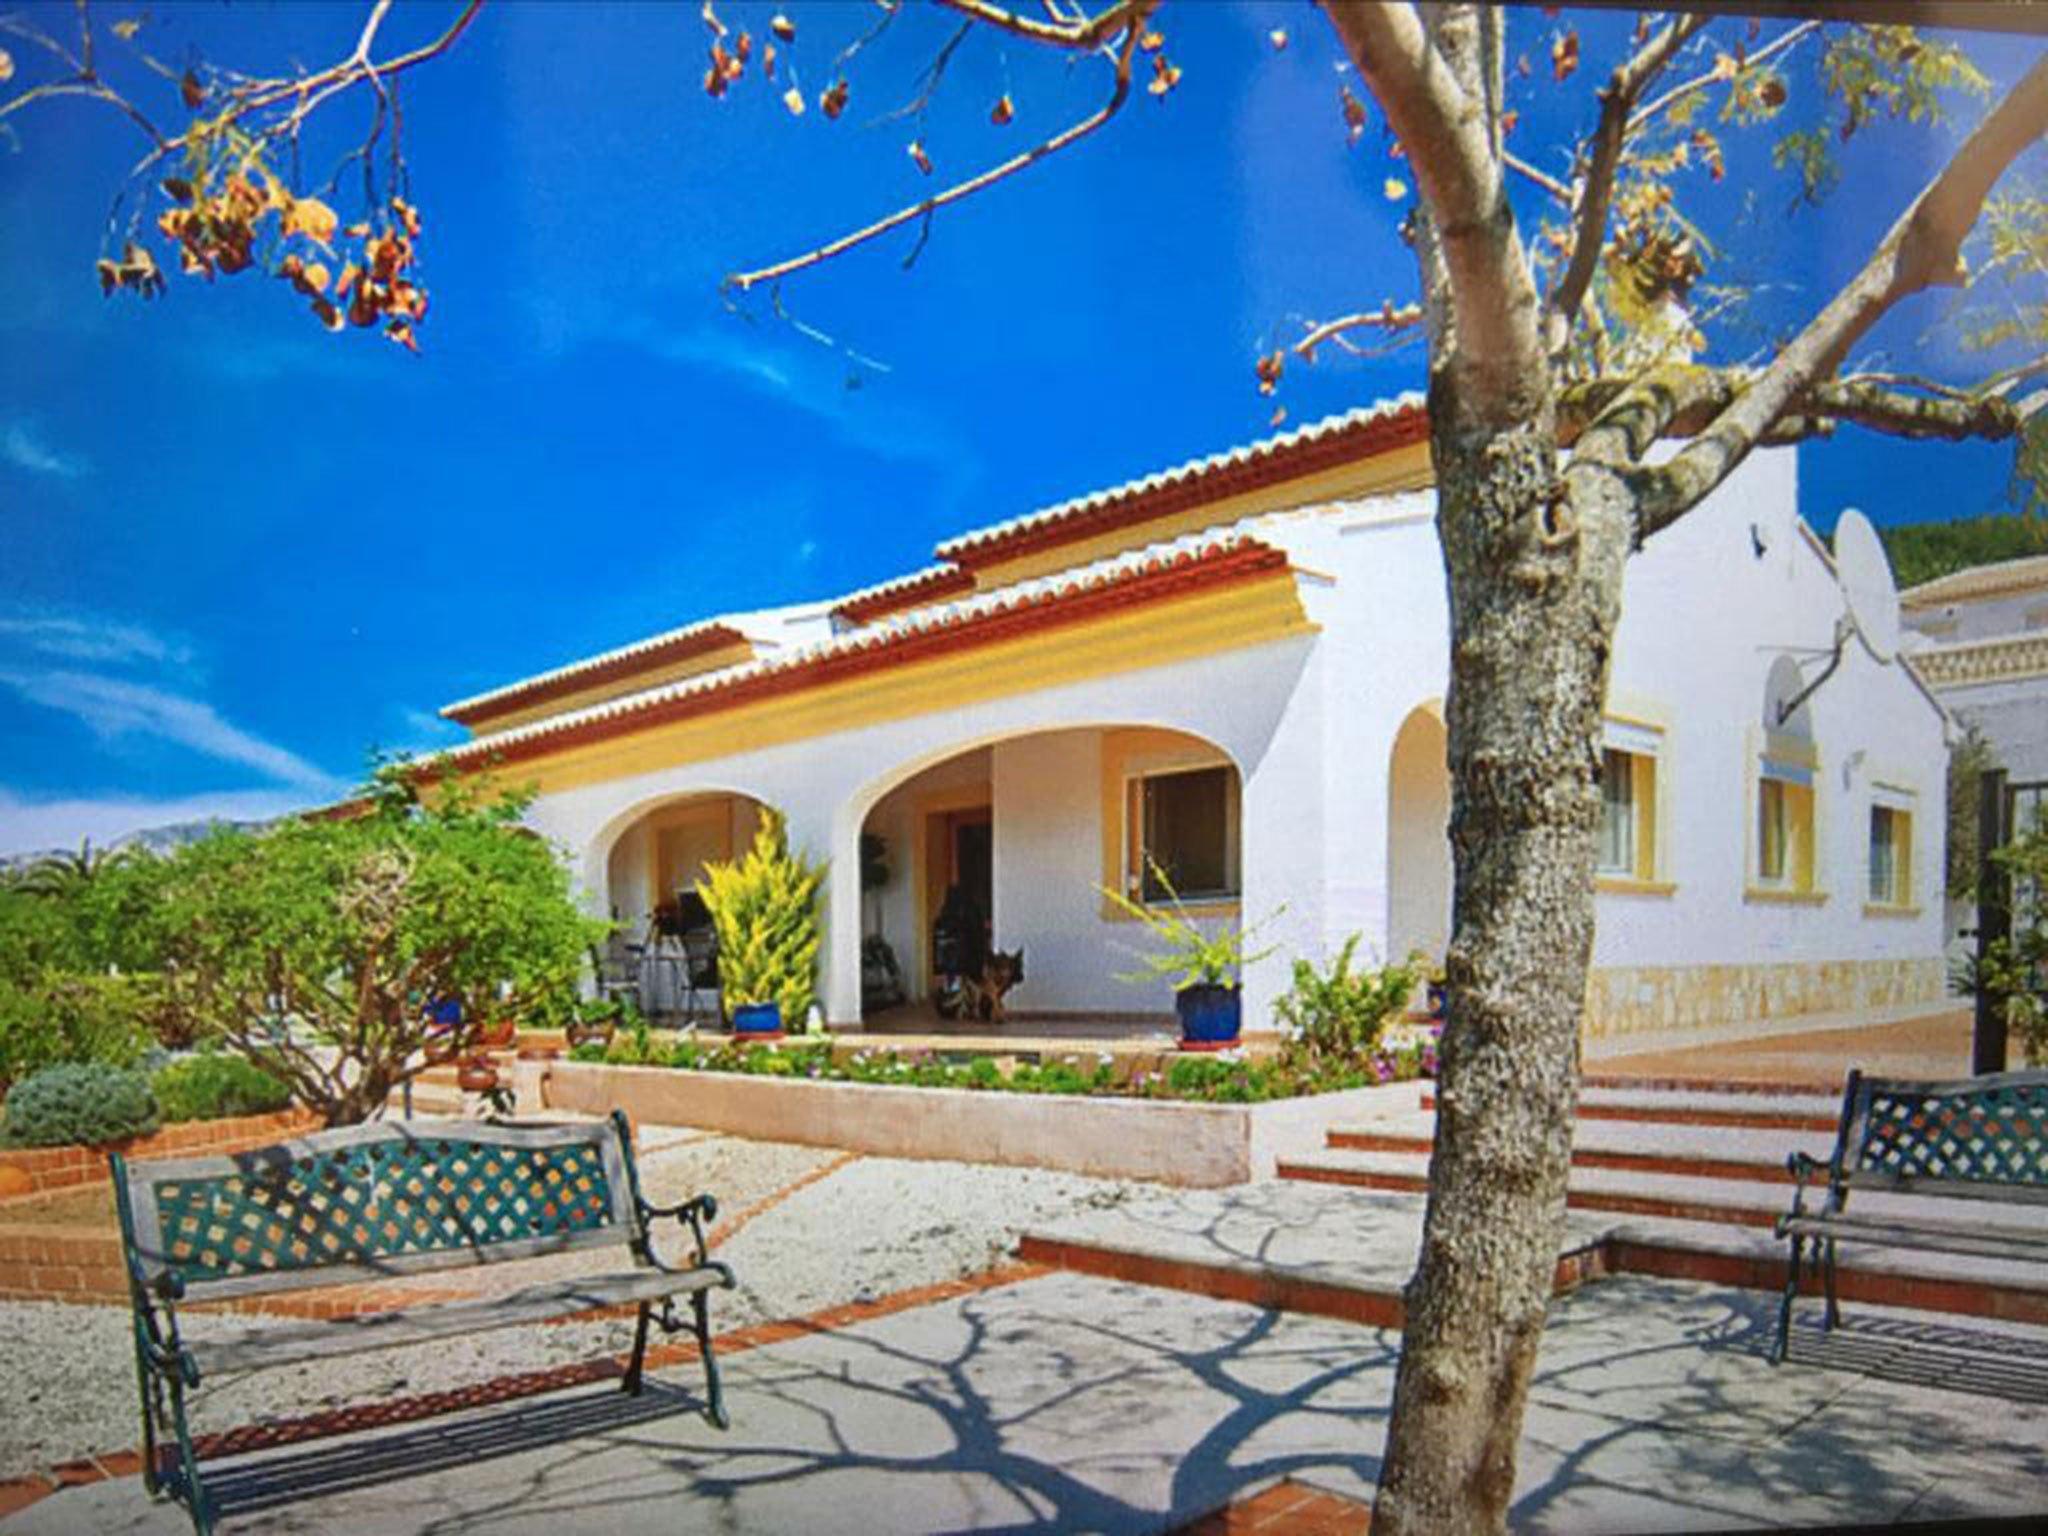 Fachada y elementos exteriores de un chalet en venta en Jávea – Atina Inmobiliaria